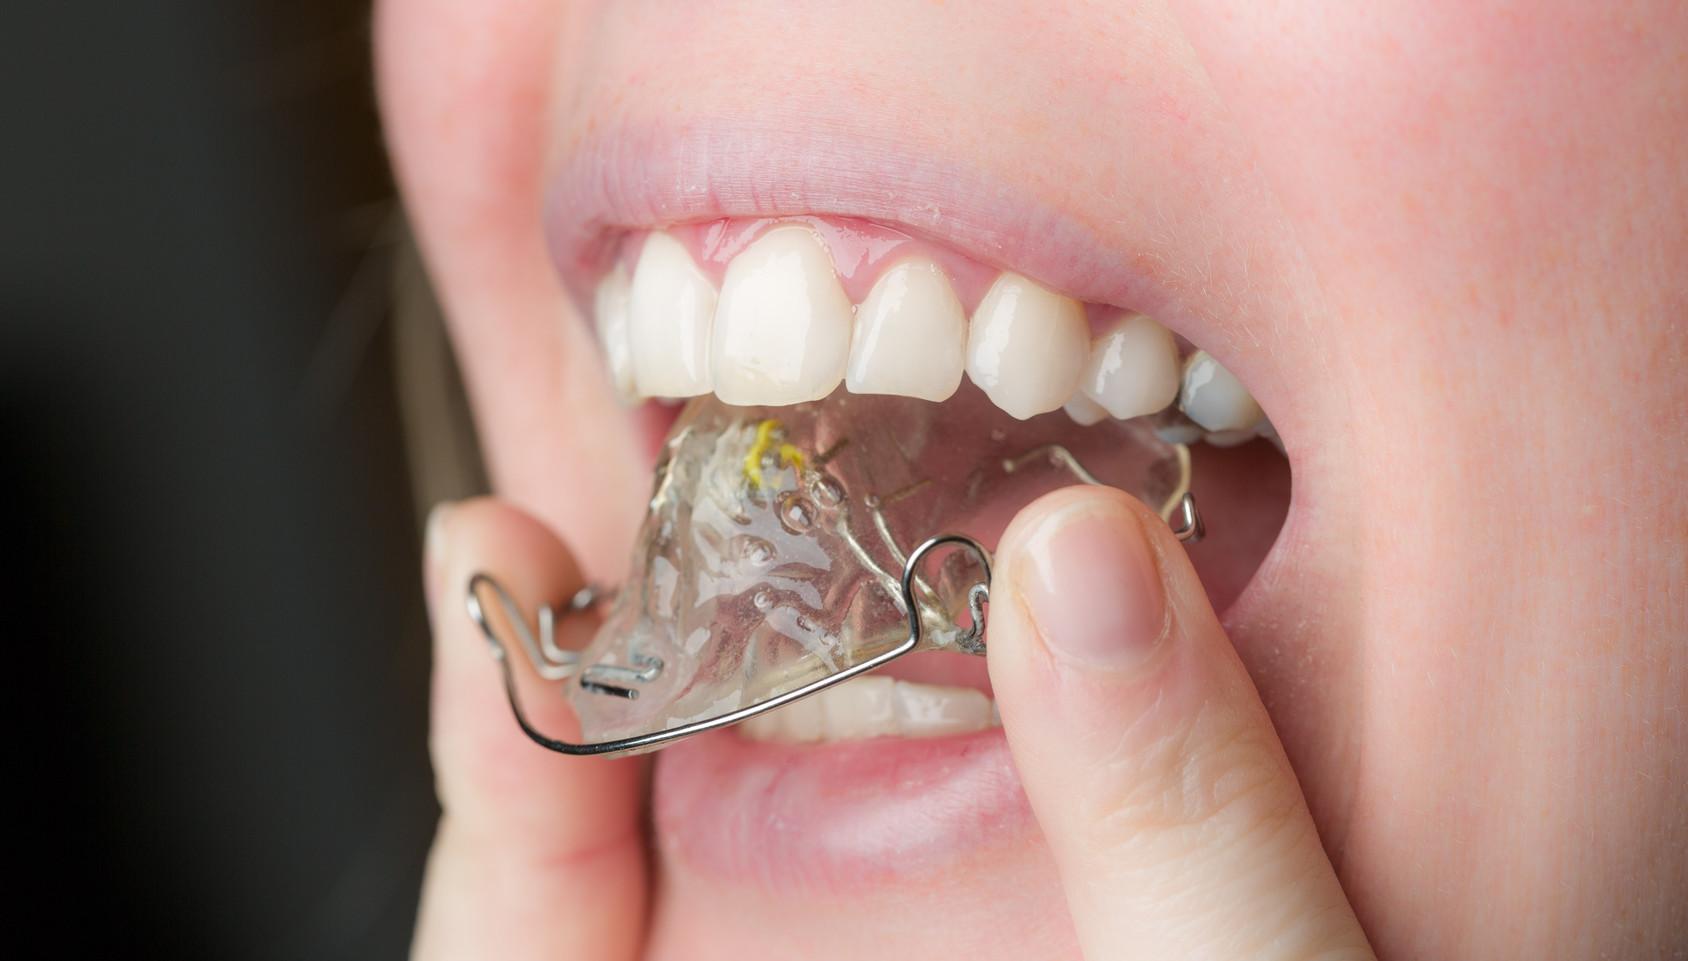 Mund mit Zahnspange